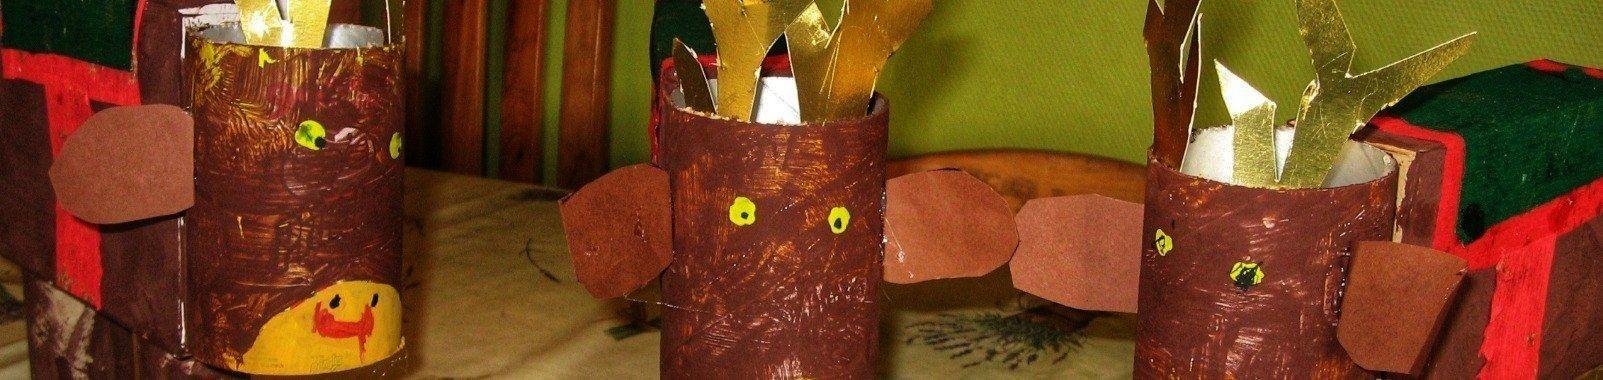 het Rendier knutselen van karton Rudolf het Rendier knutselen van karton Rudolf het Rendier knutselen van karton Rudolf het Rendier knutselen van kartonRudolf het Rendier...